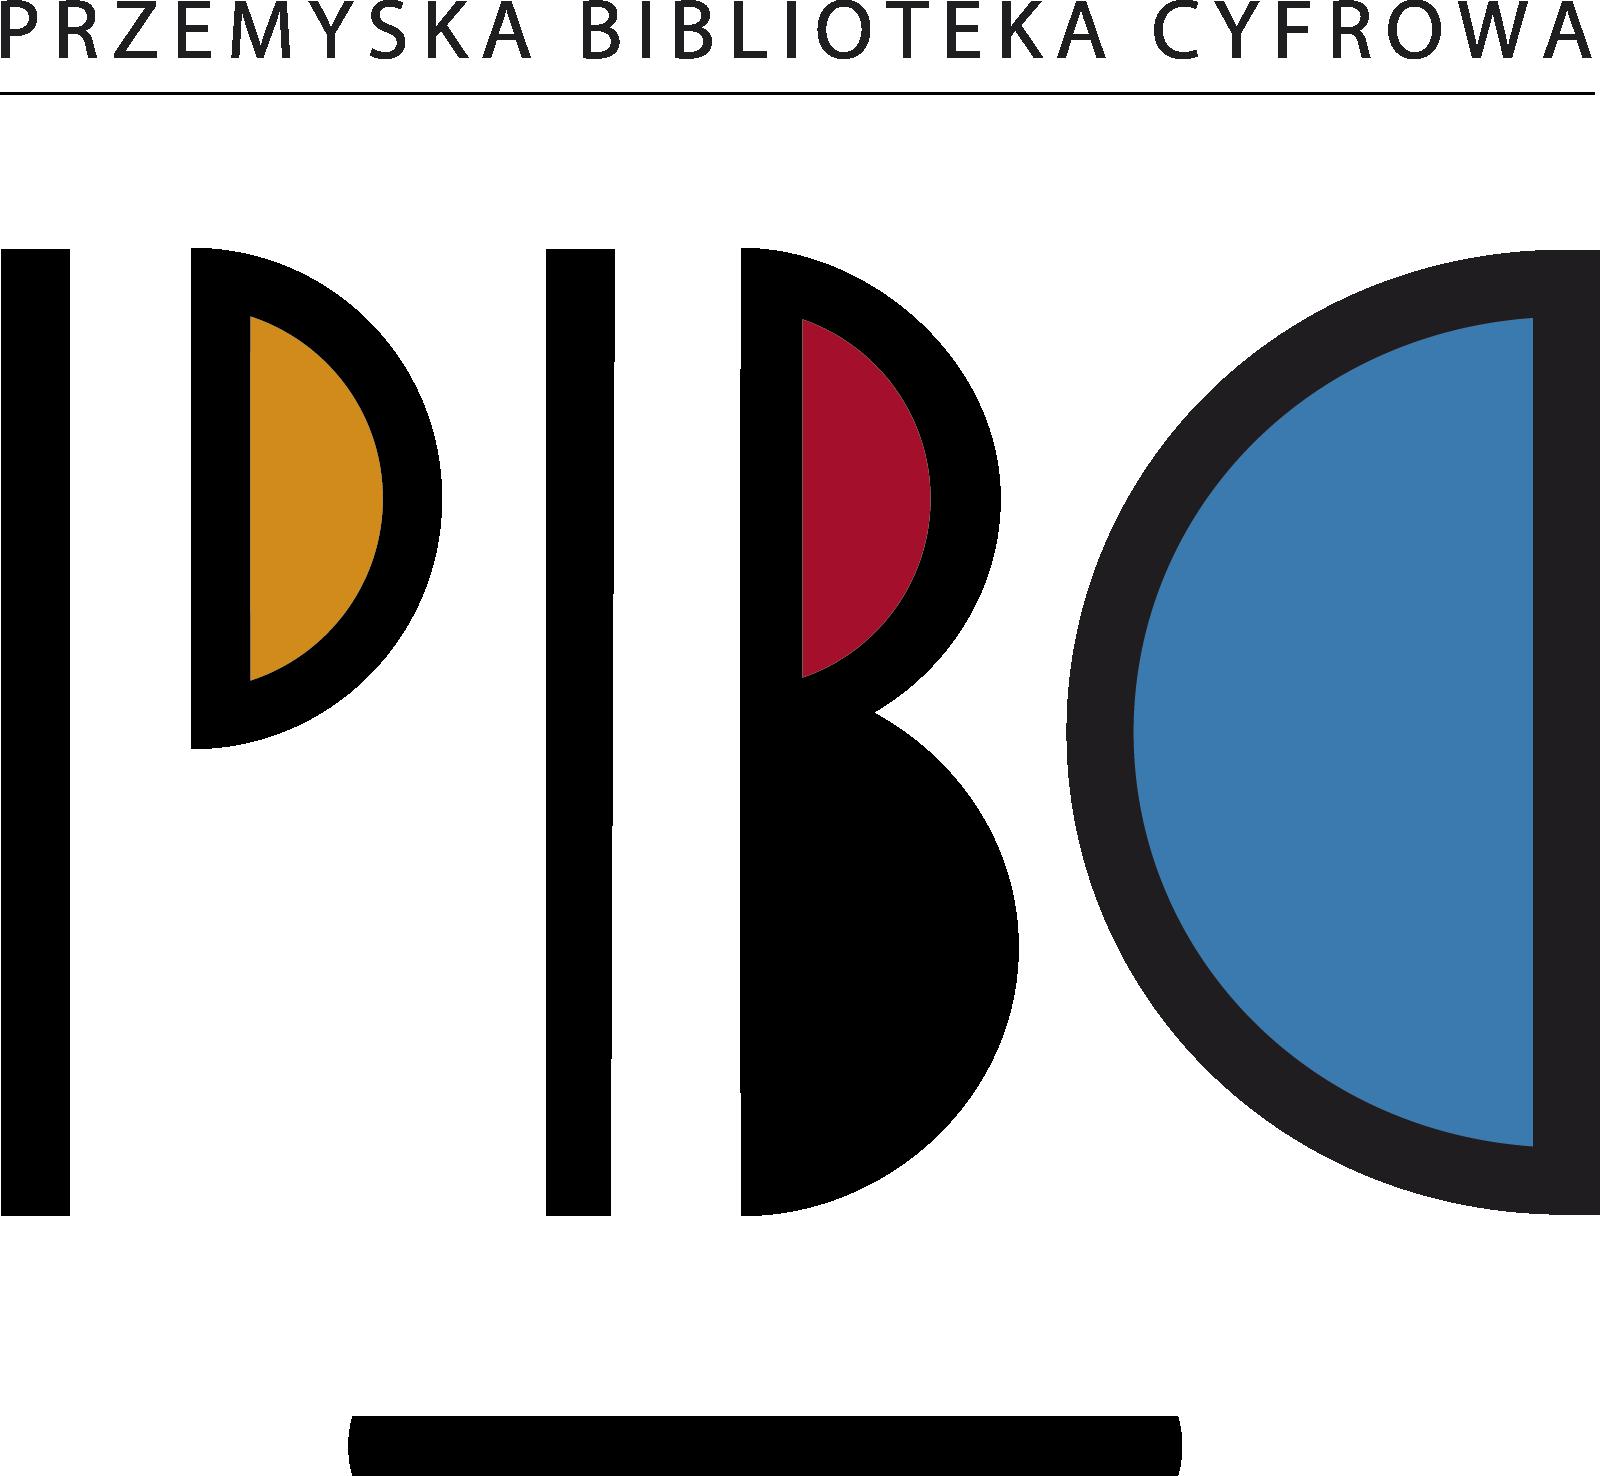 Przemyska Biblioteka Cyfrowa